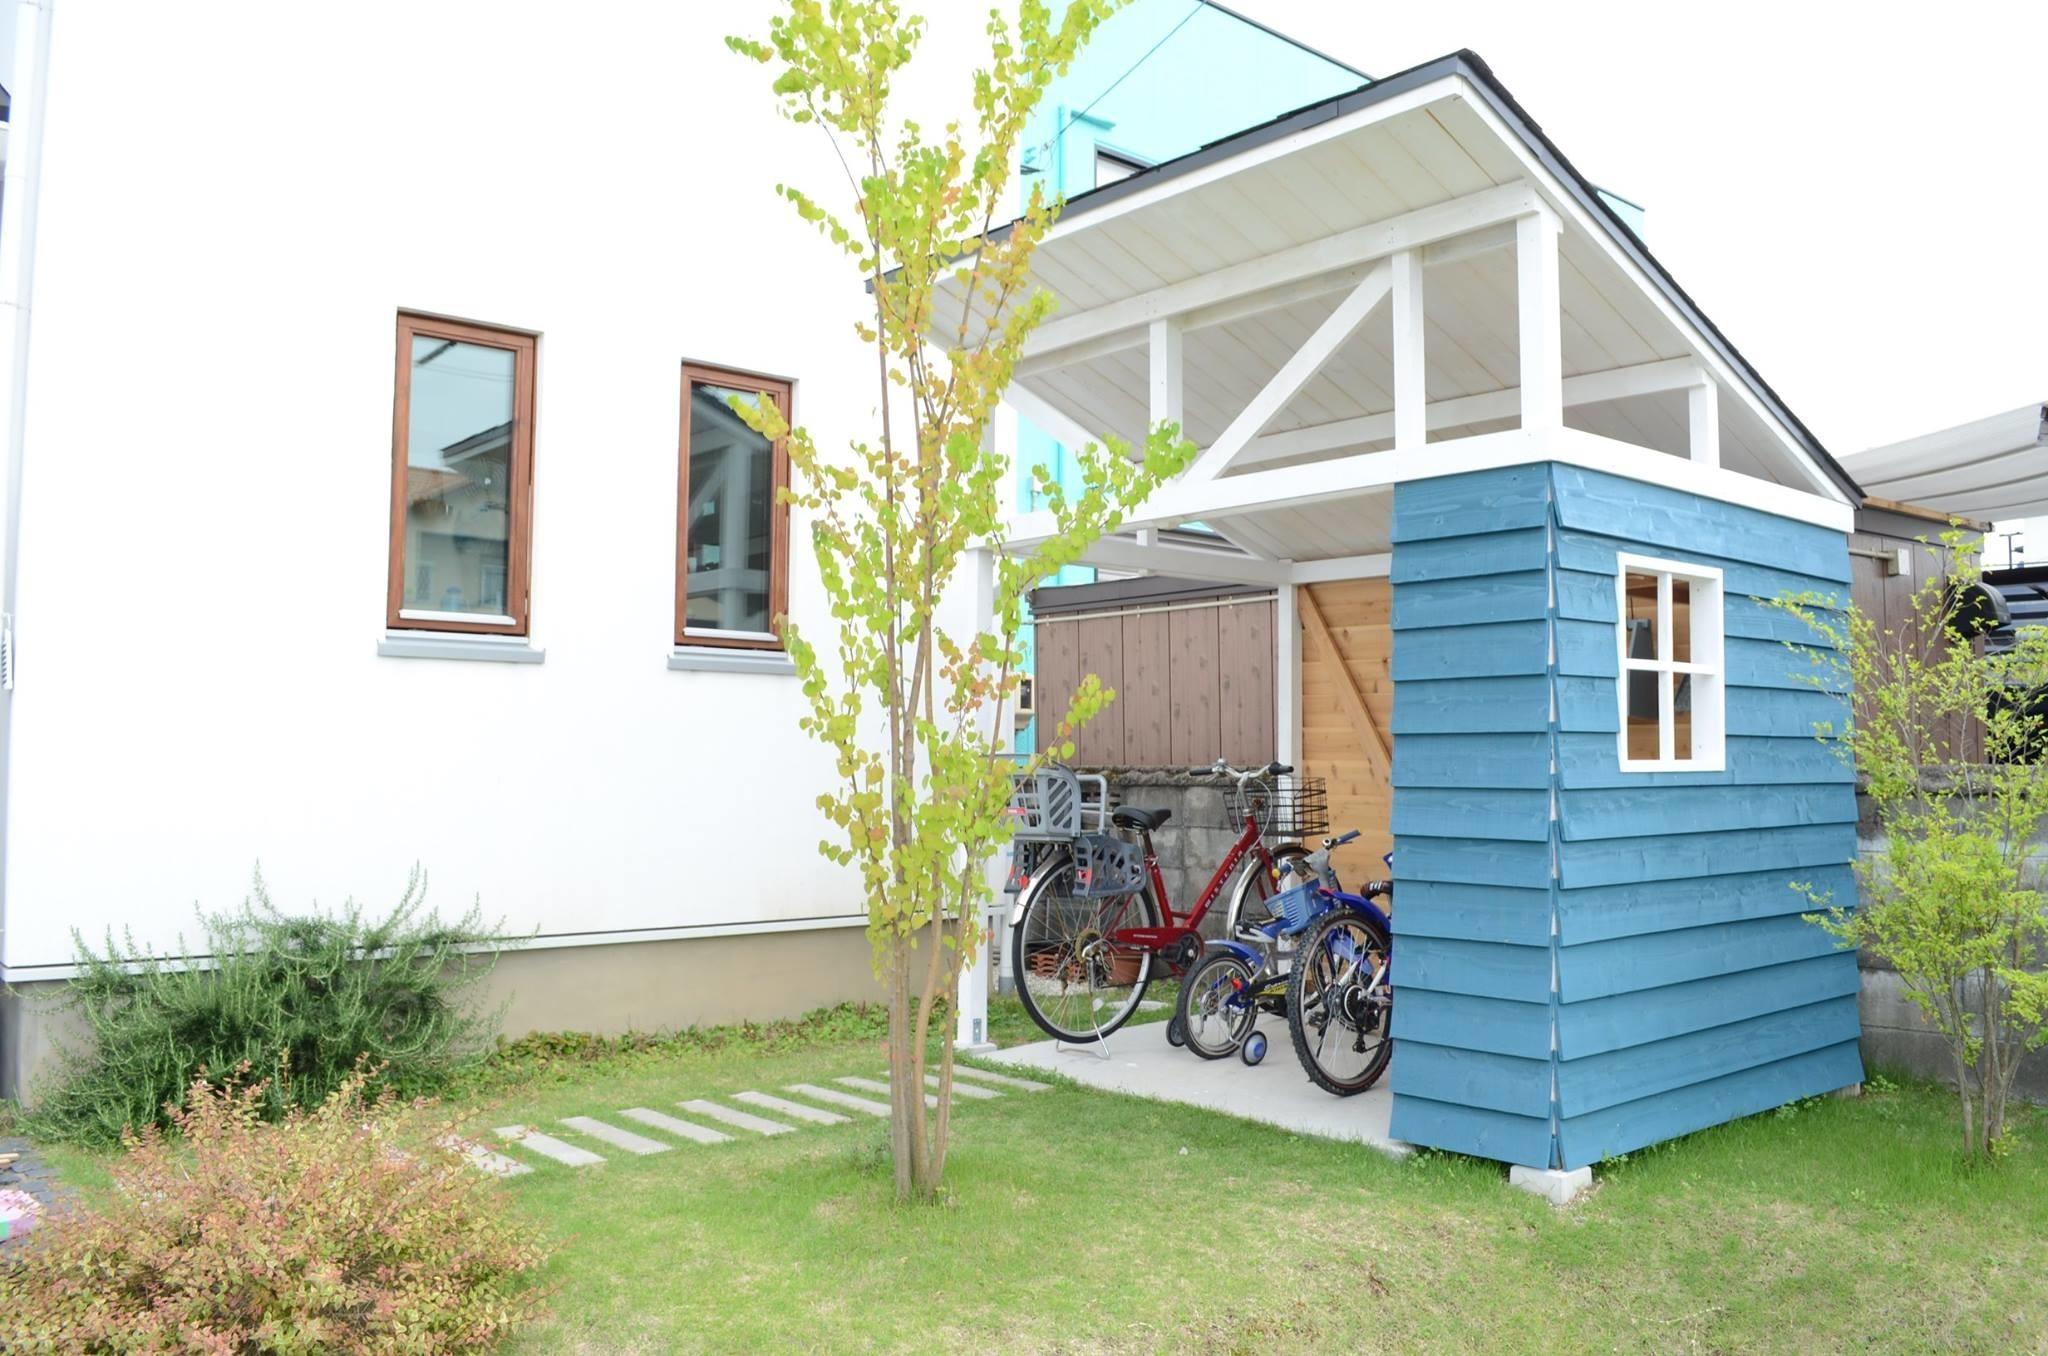 オシャレオリジナル自転車置き場の建築事例写真